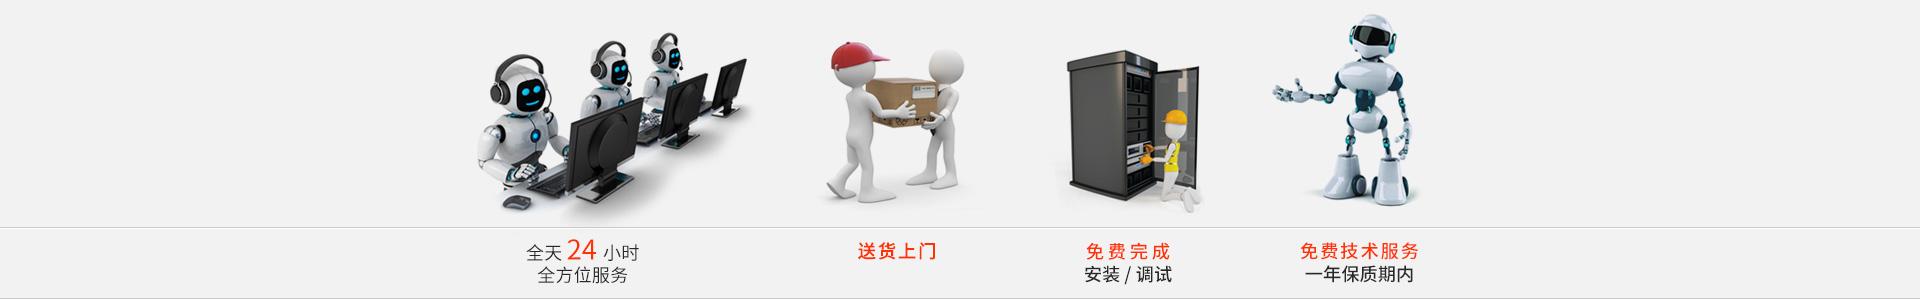 一站式微波設備解決方案-上海博奧微波